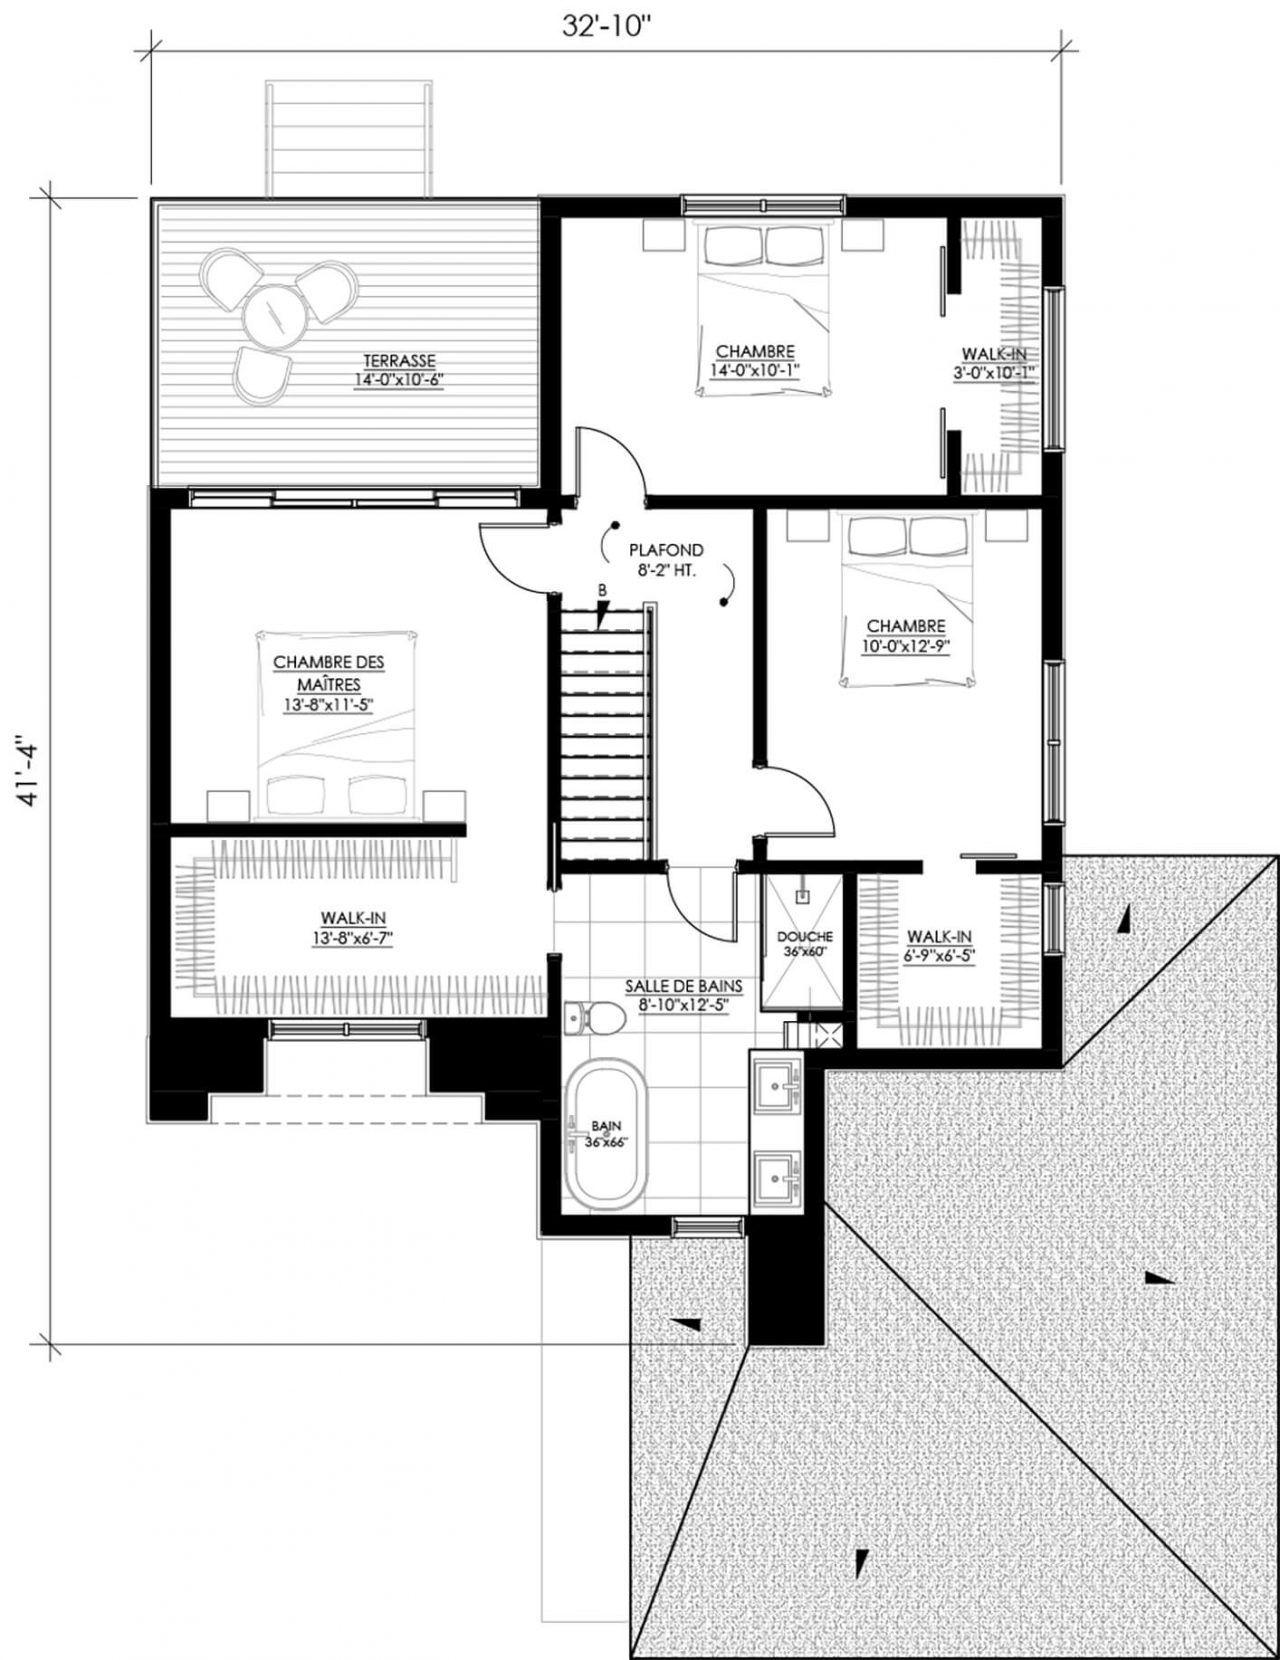 Plan De Maison E 129 Legue Architecture Plan De Maison Plan Maison Maison